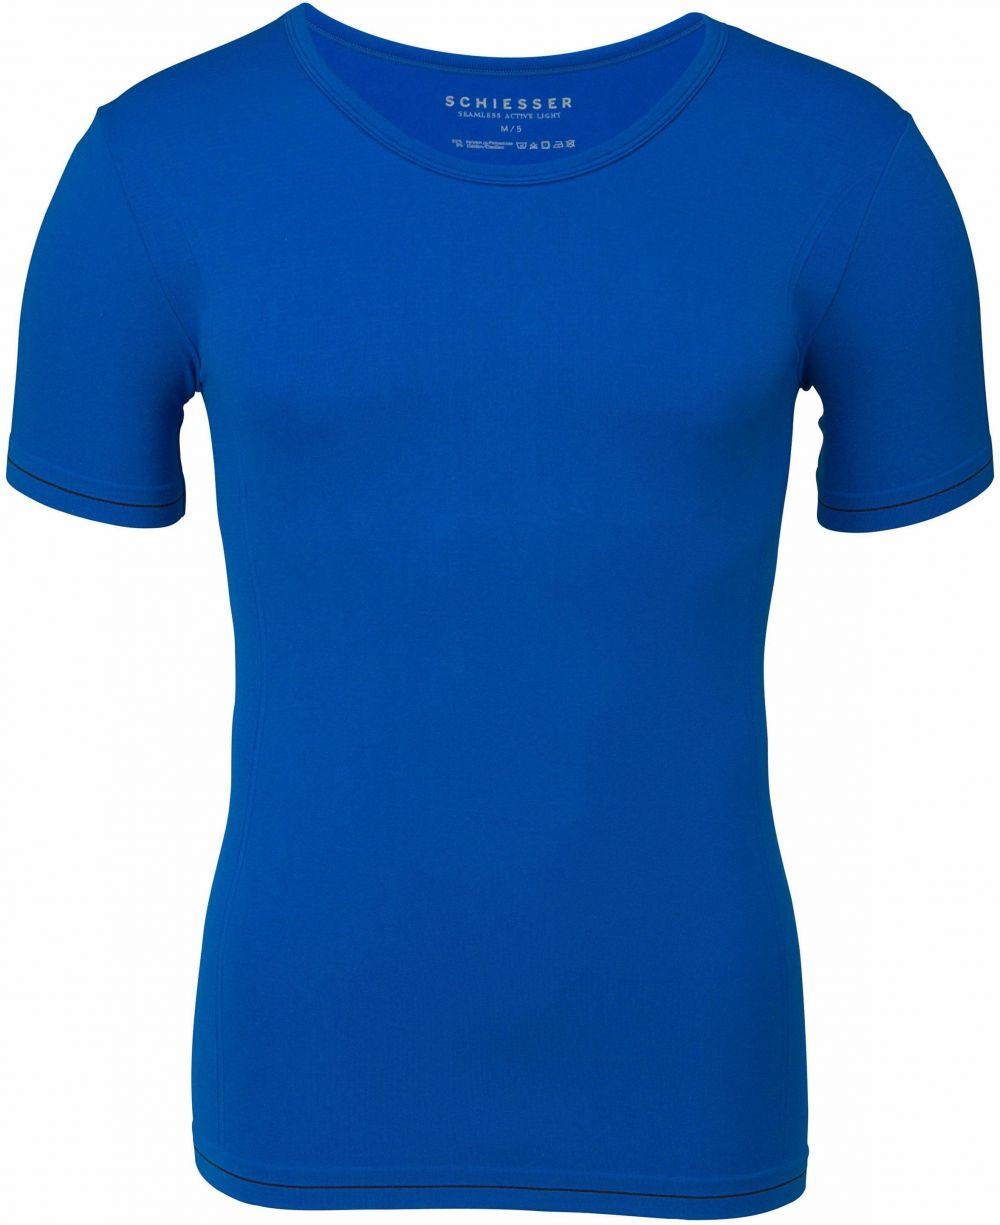 5292956f6694e Schiesser Pánske tričko ideálne aj pre šport